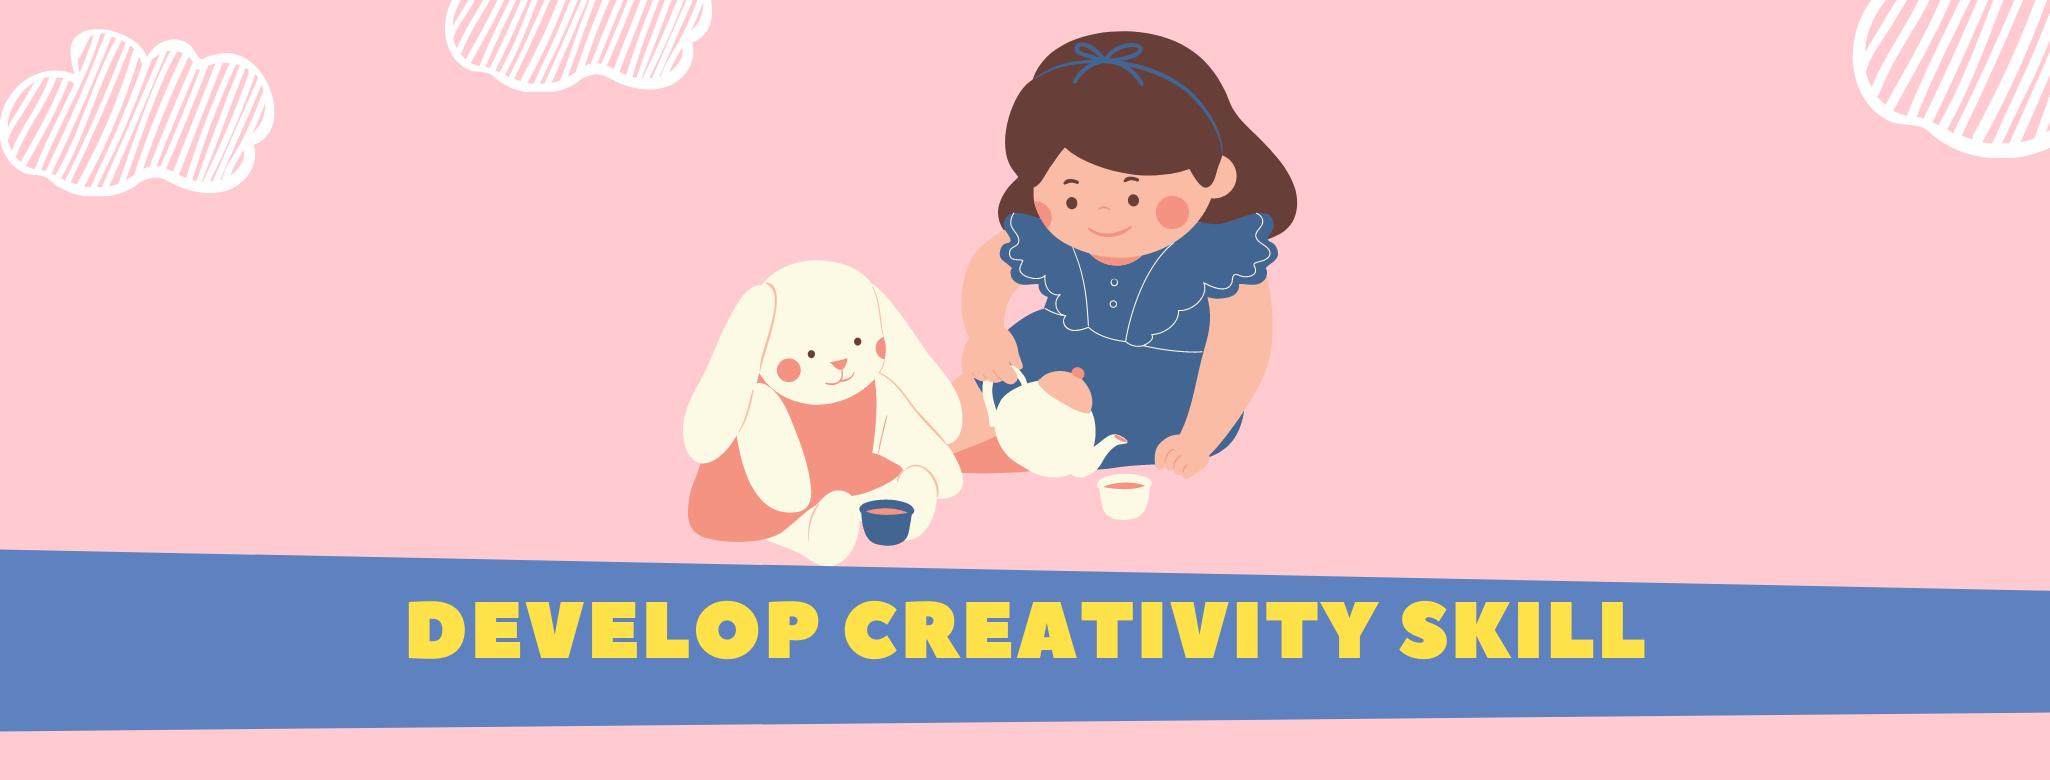 Develop Creativity 21st century skills for kids children student